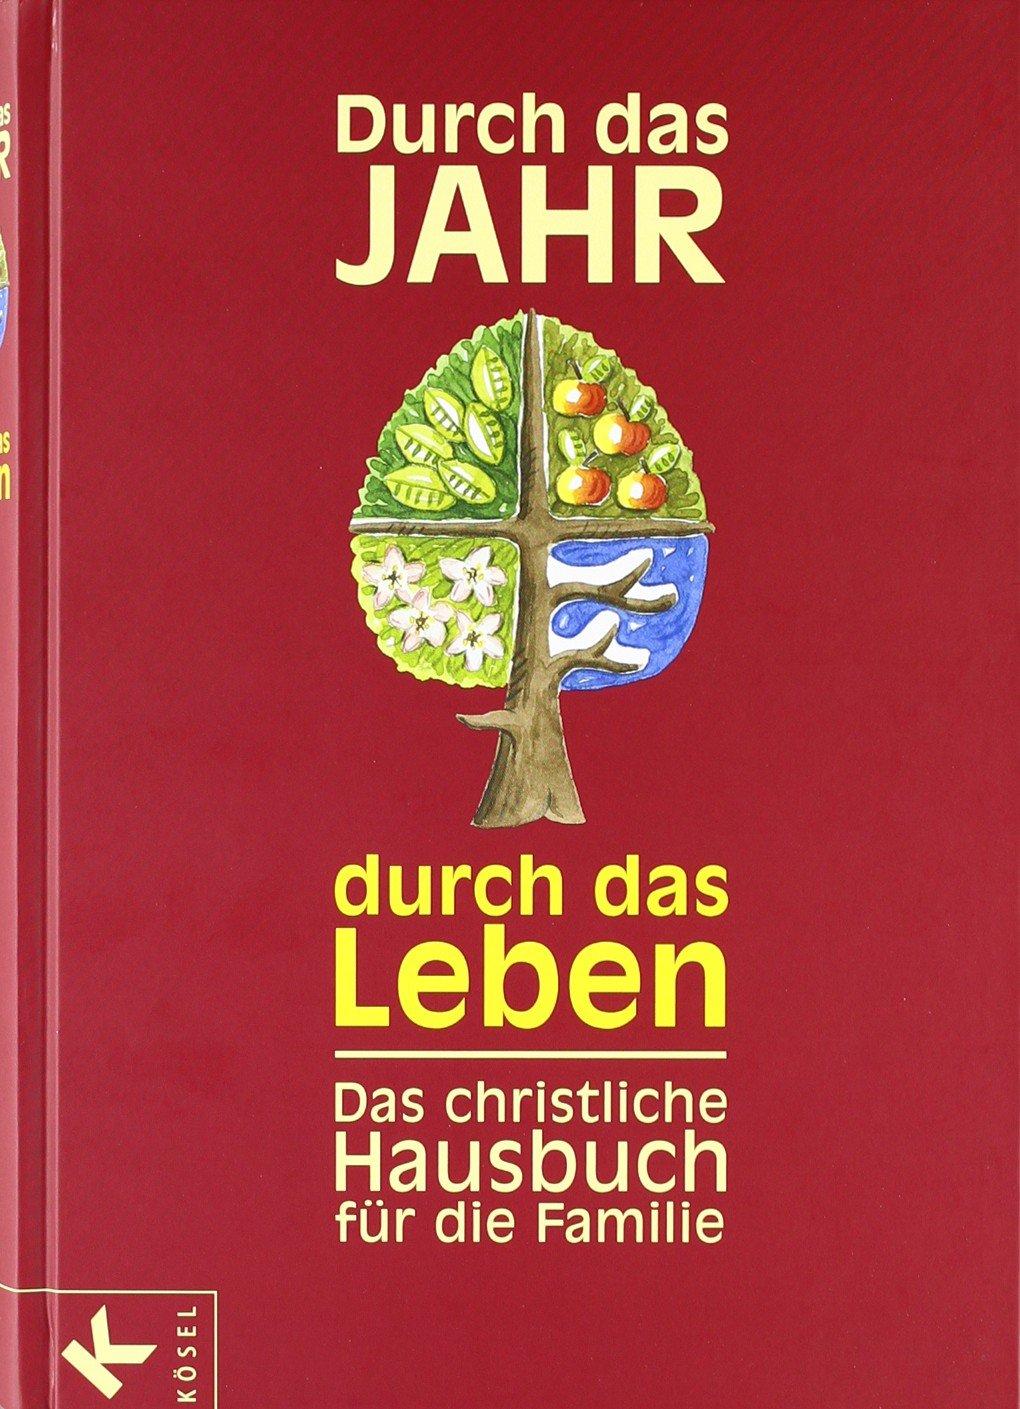 Durch das Jahr - durch das Leben: Das christliche Hausbuch für die Familie - Bearbeitet und durchgesehen von Peter Neysters und Karl Heinz Schmitt